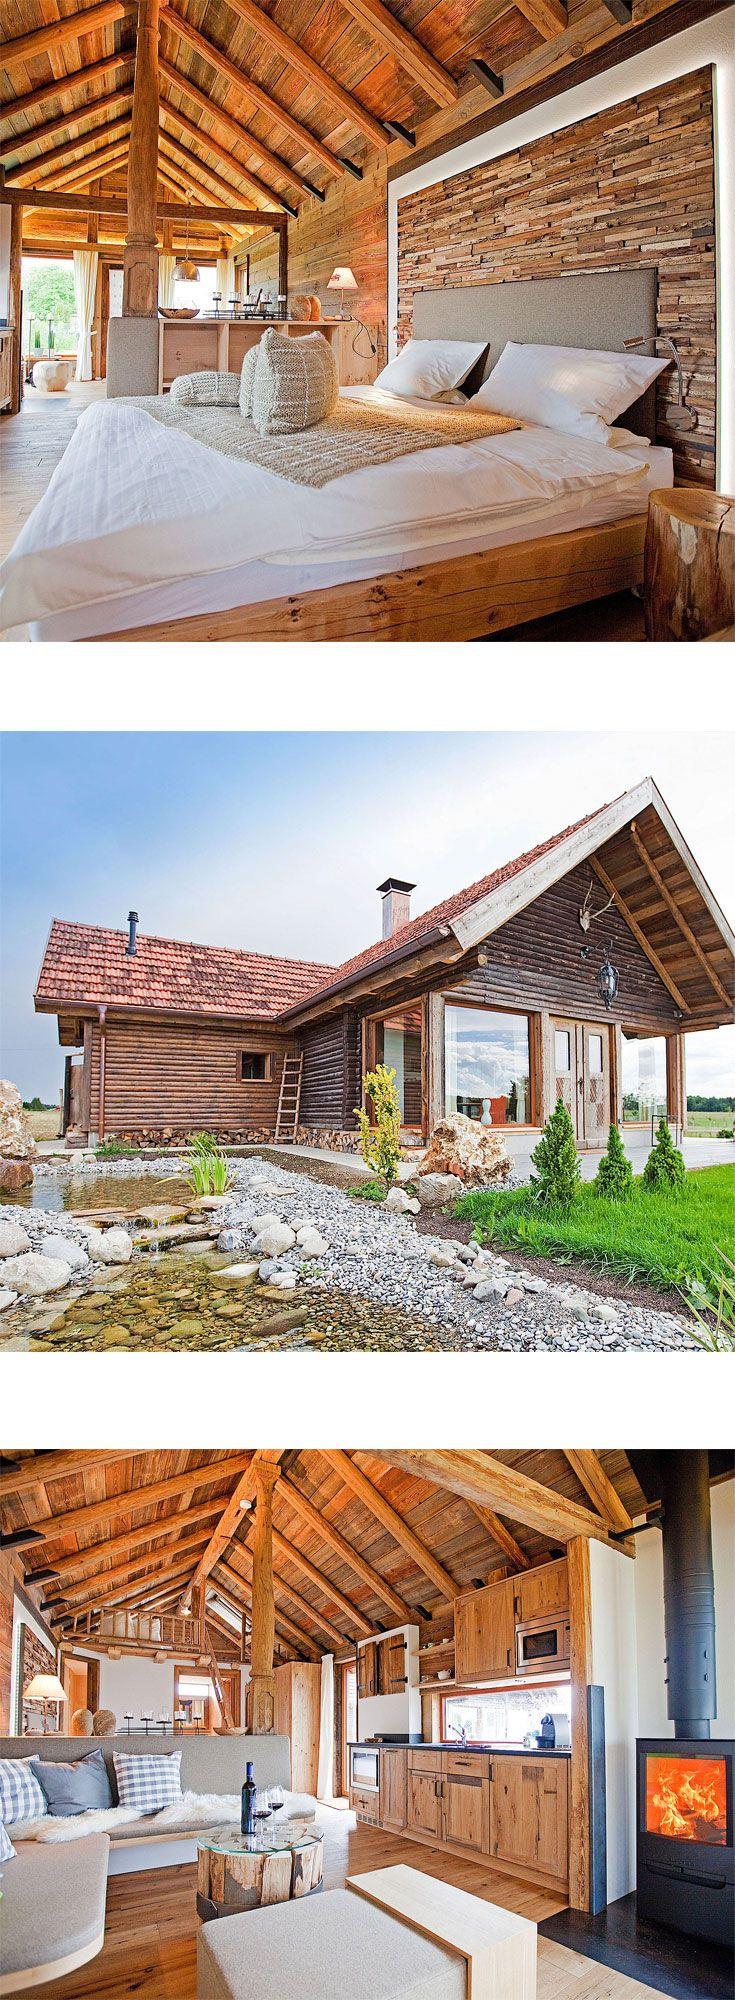 ALBWIESEN und STERNEGUCKER, zwei historische Chalets, errichtet mit ursprünglichen Baustoffen unserer Heimat und traditioneller Handwerkskunst. Reisetipps | Deutschland | außergewöhnlich